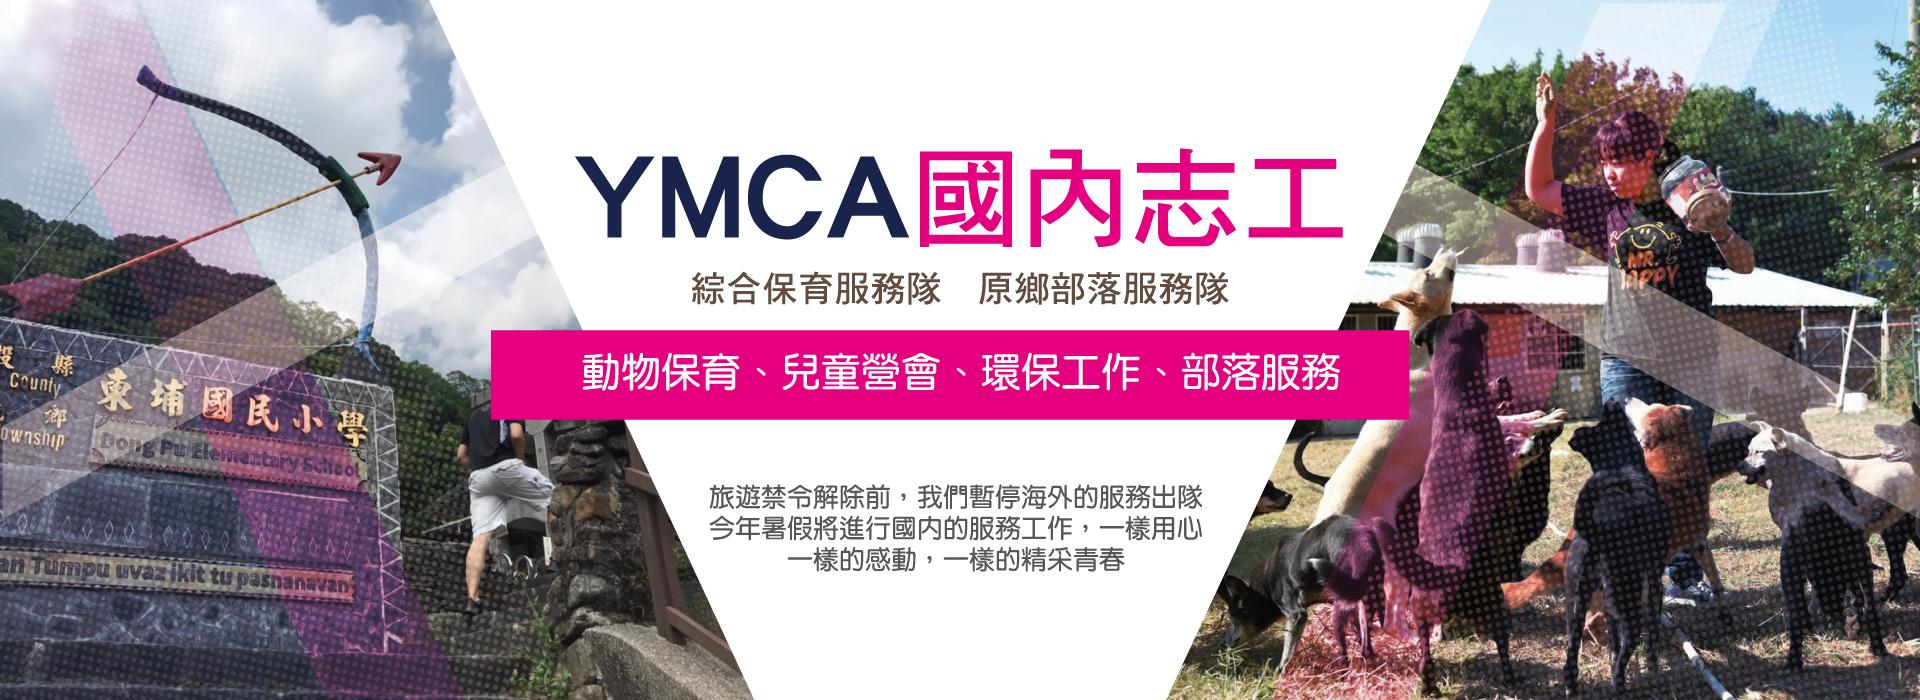 YMCA國內服務隊